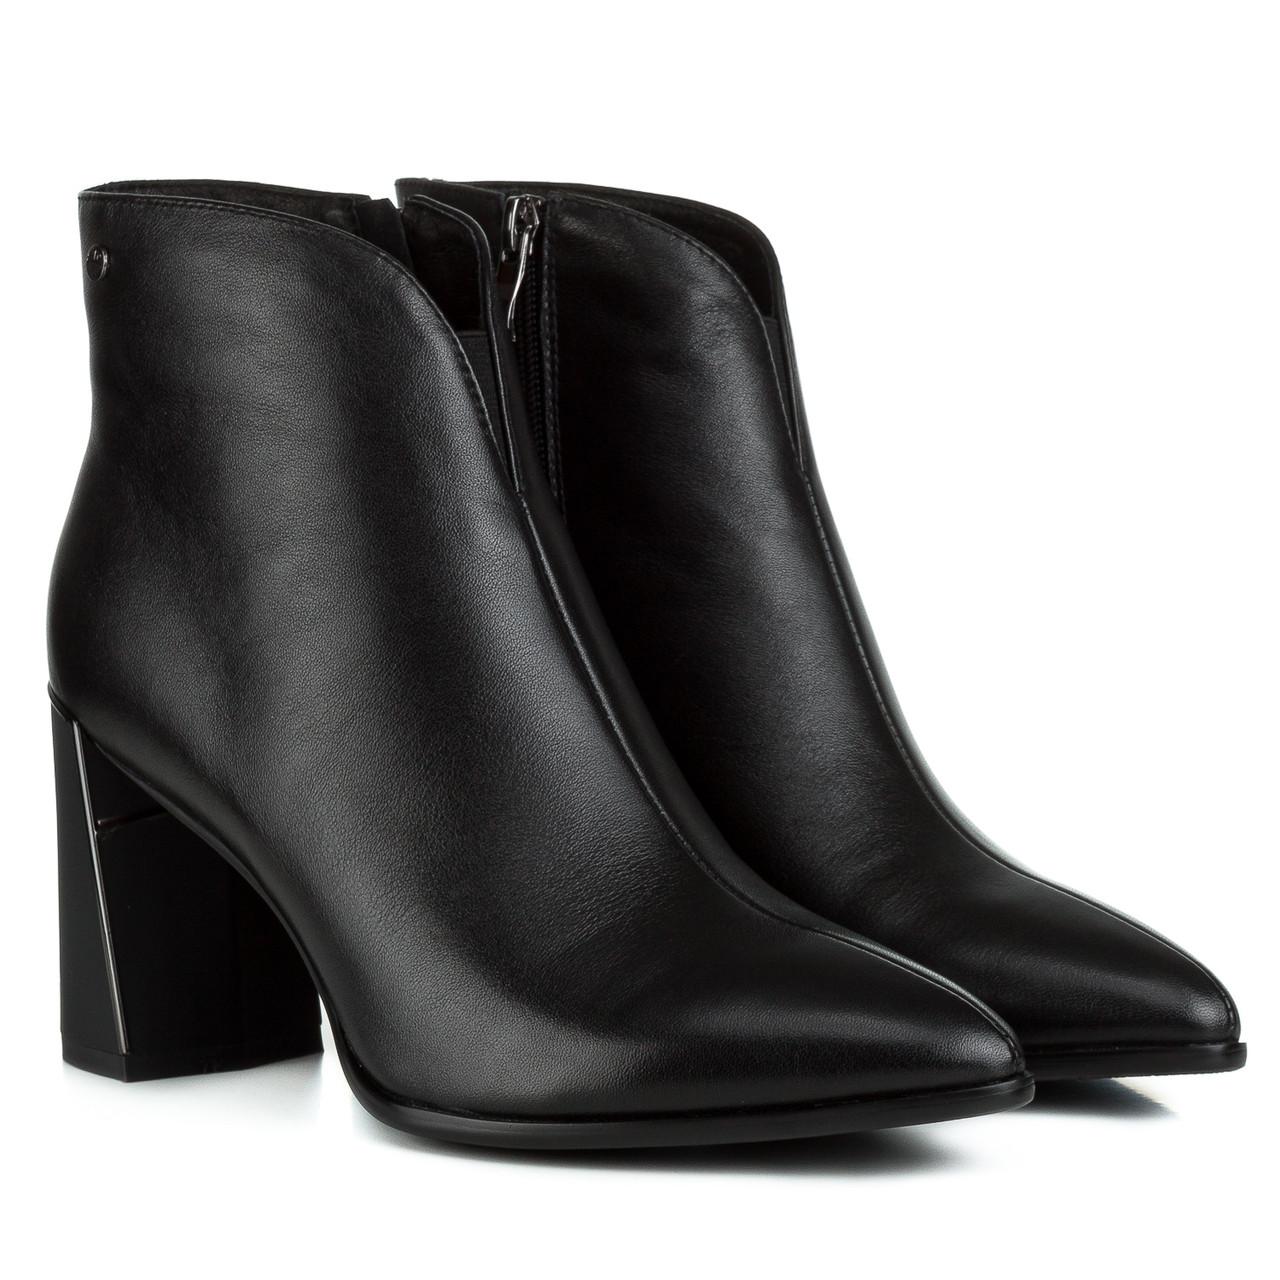 Ботильоны женские LADY MARCIA (на устойчивом каблуке, изысканные, с зауженным носком)